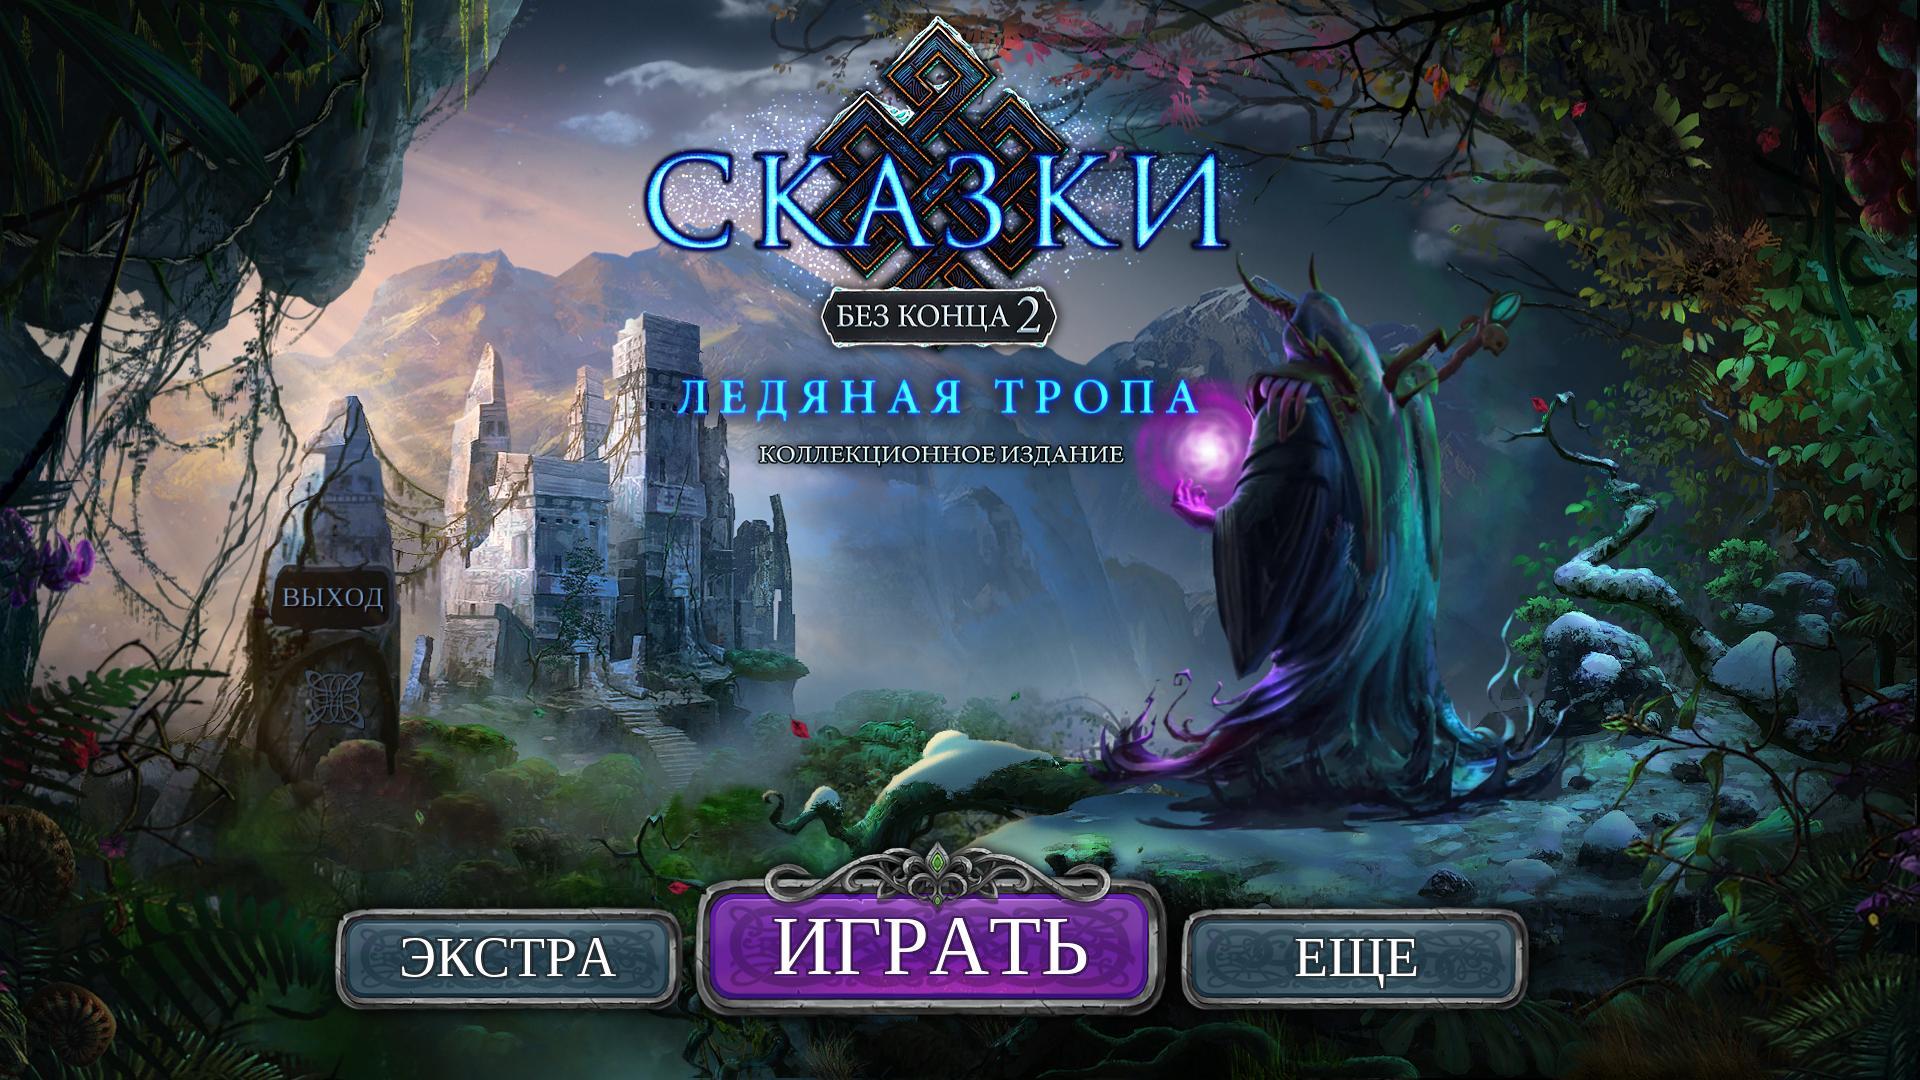 Сказки без конца 2: Ледяная тропа. Коллекционное издание | Endless Fables 2: Frozen Path CE (Rus)